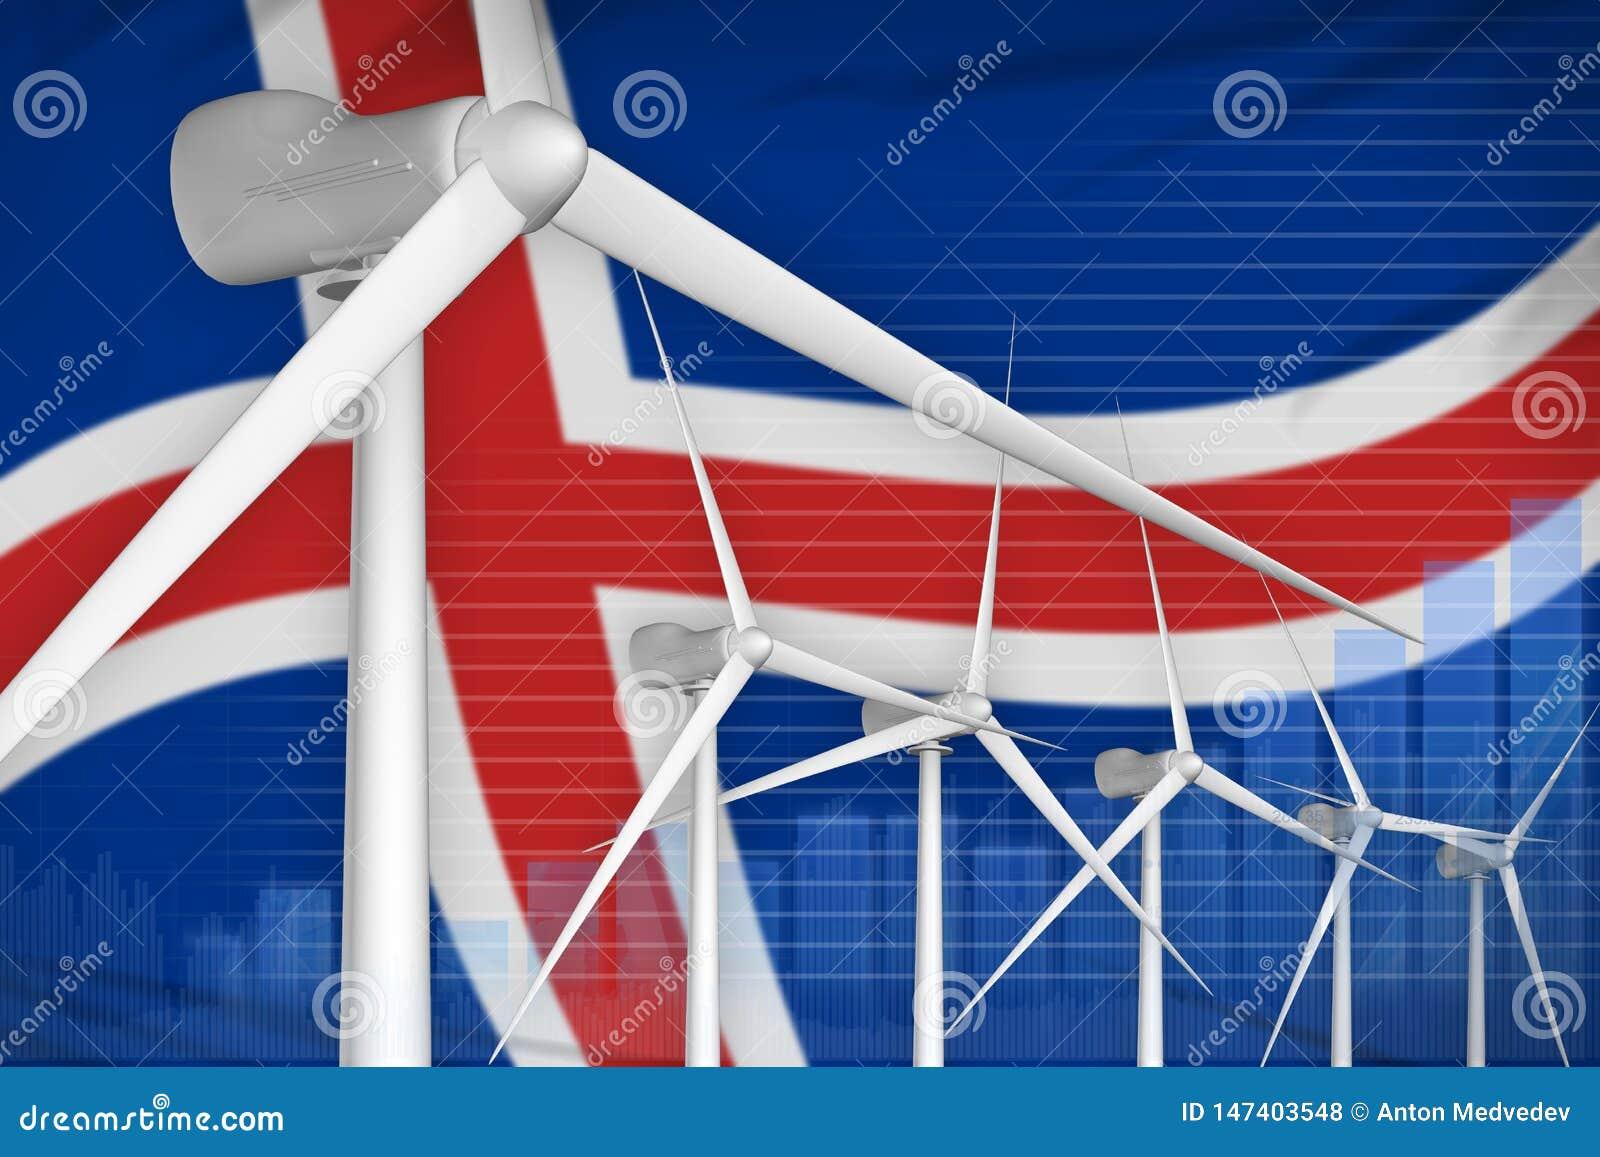 Iceland wiatrowej energii władzy wykresu cyfrowy pojęcie - nowożytna naturalnej energii przemysłowa ilustracja ilustracja 3 d